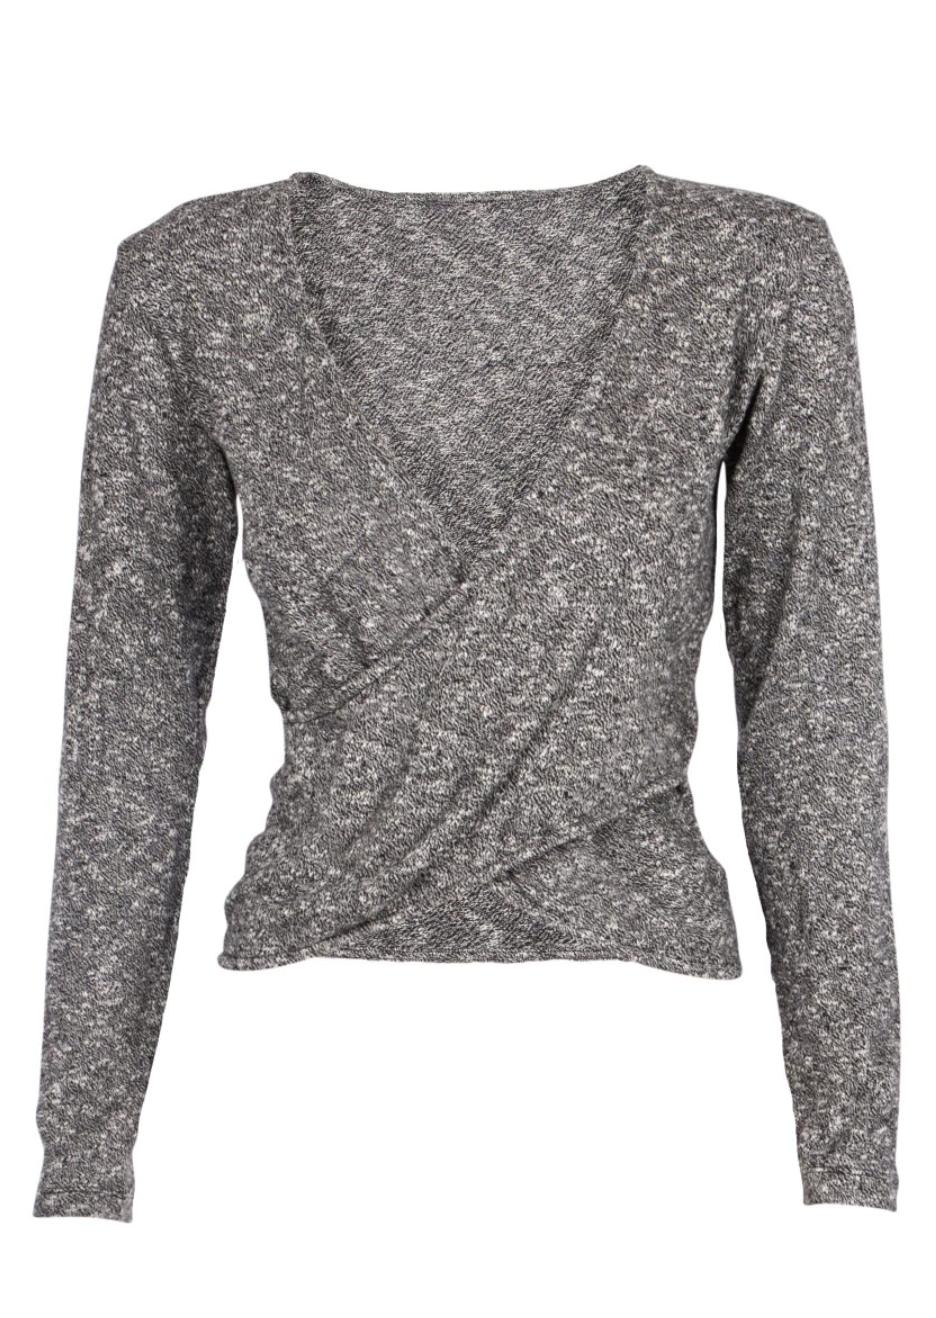 Bilde av Wrap sweater black and white SS20-3-20-22